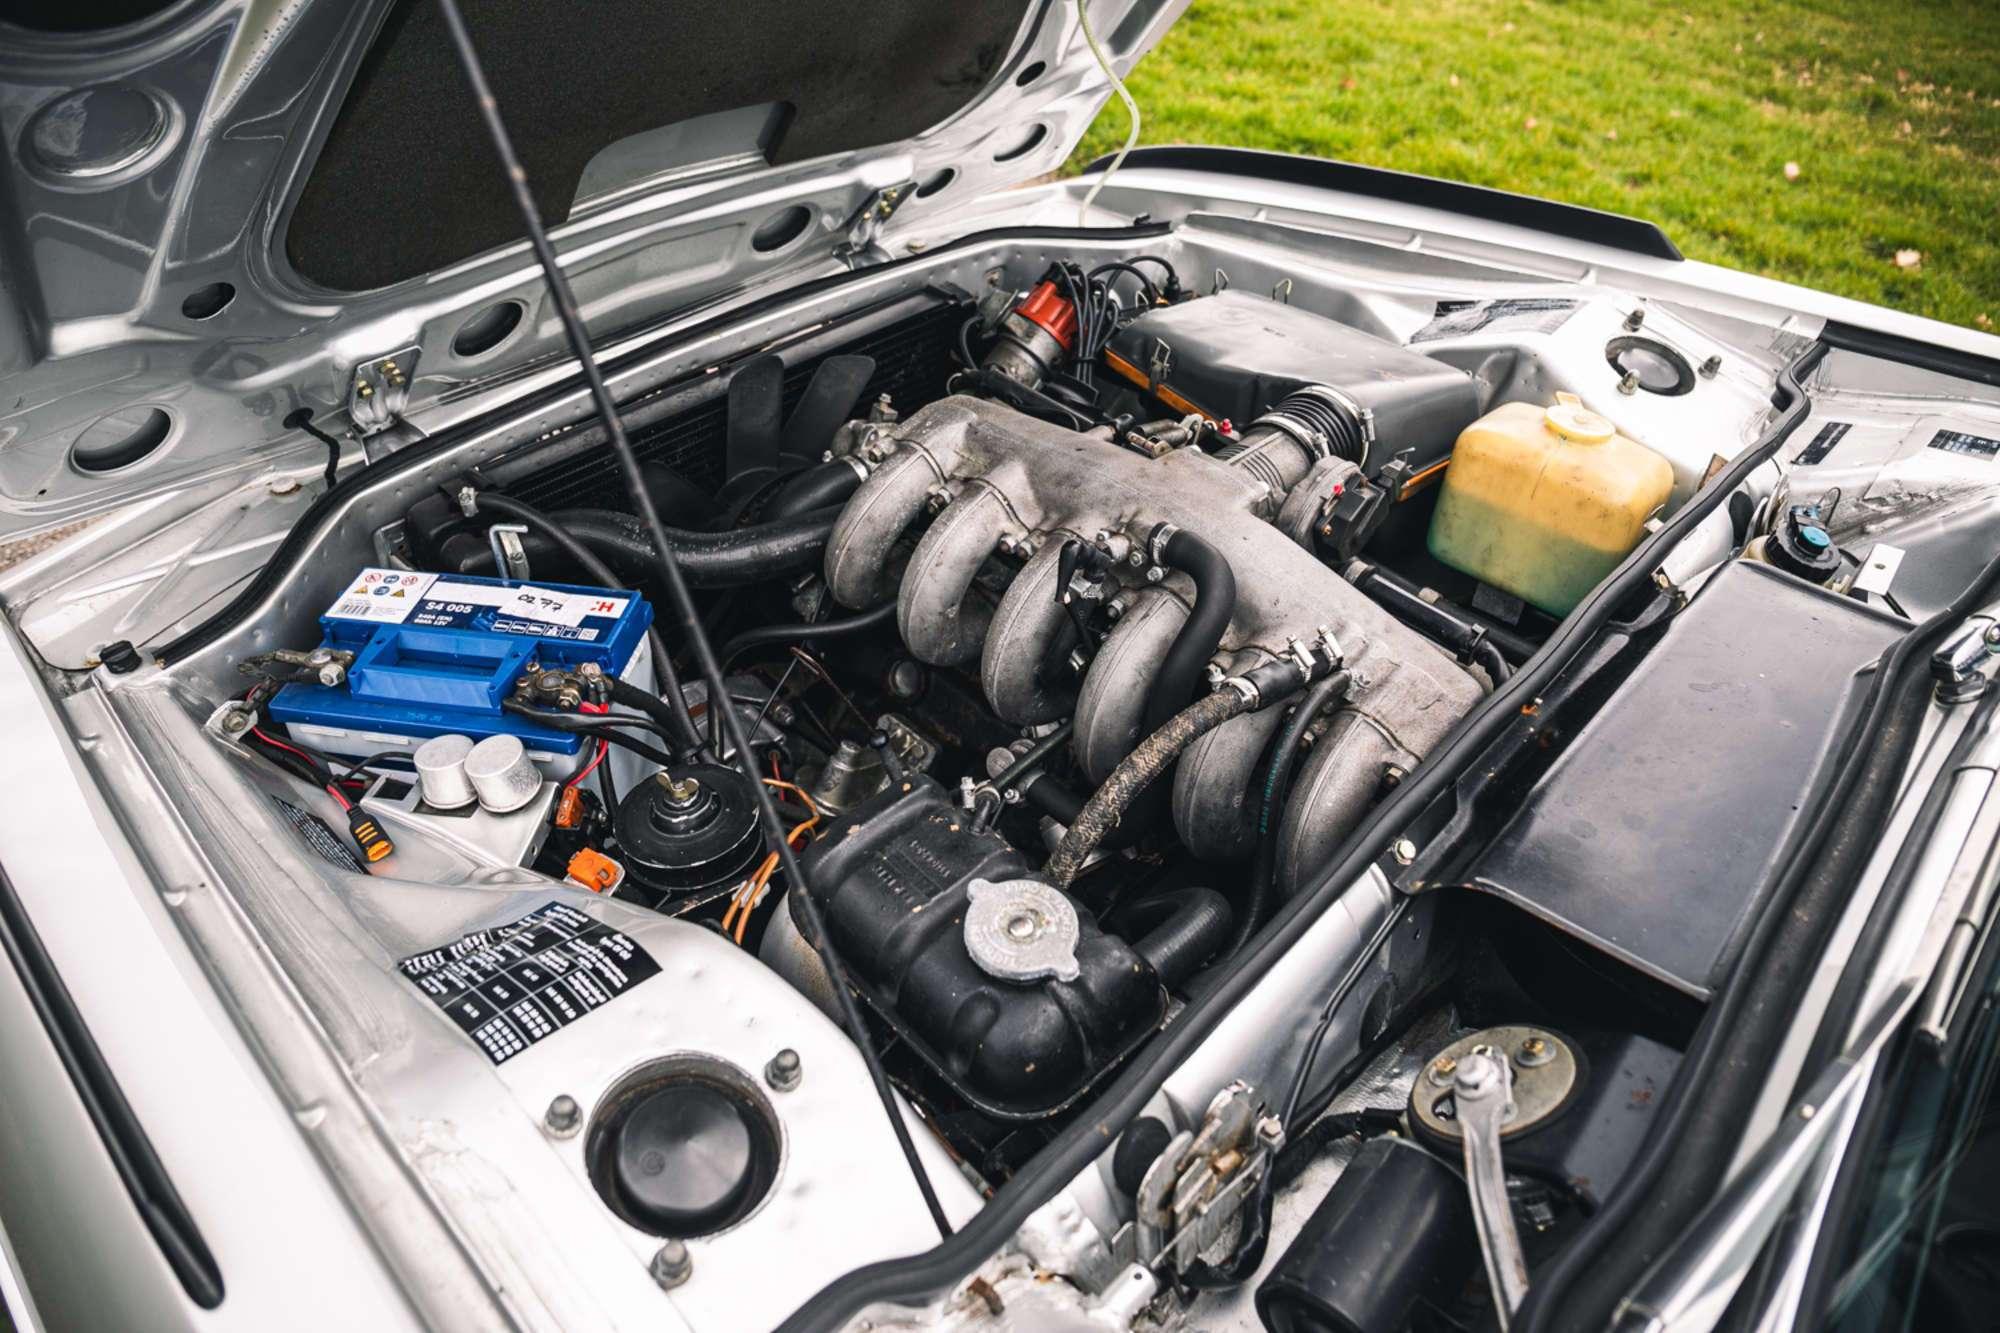 Автомобіль оснащений атмосферним 3,2-літровим 6-циліндровим мотором